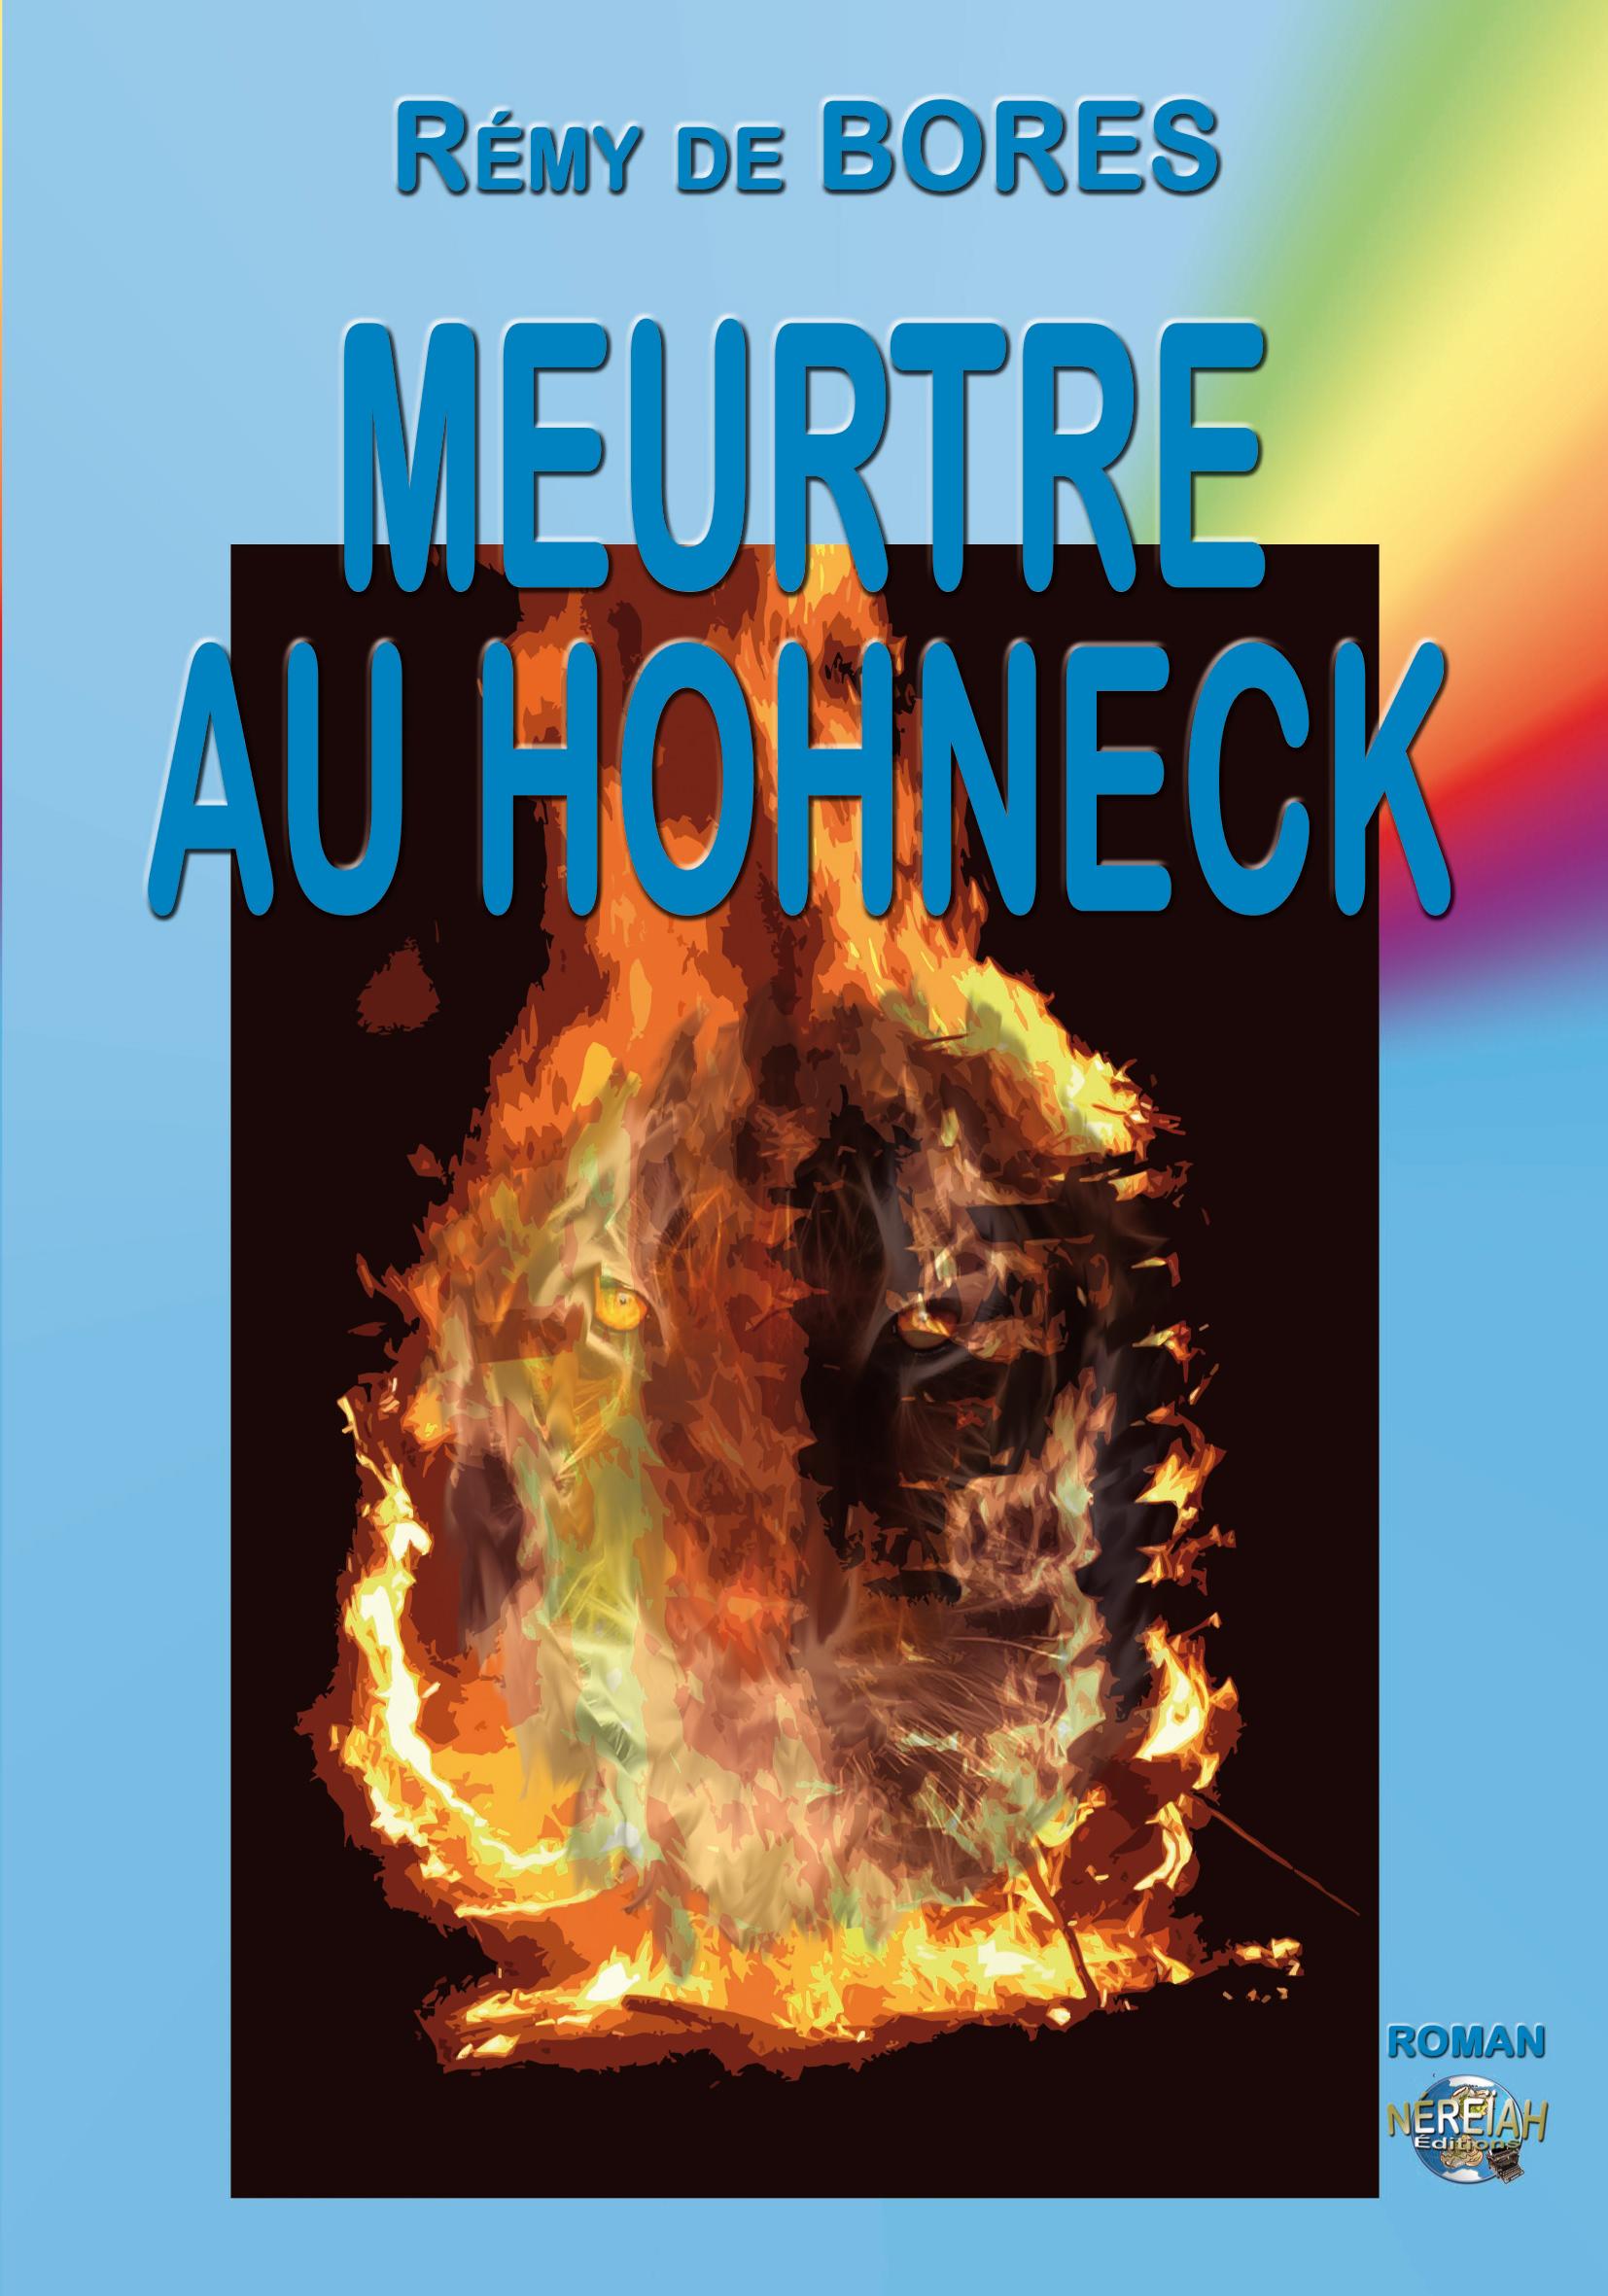 MEURTRE AU HOHNECK